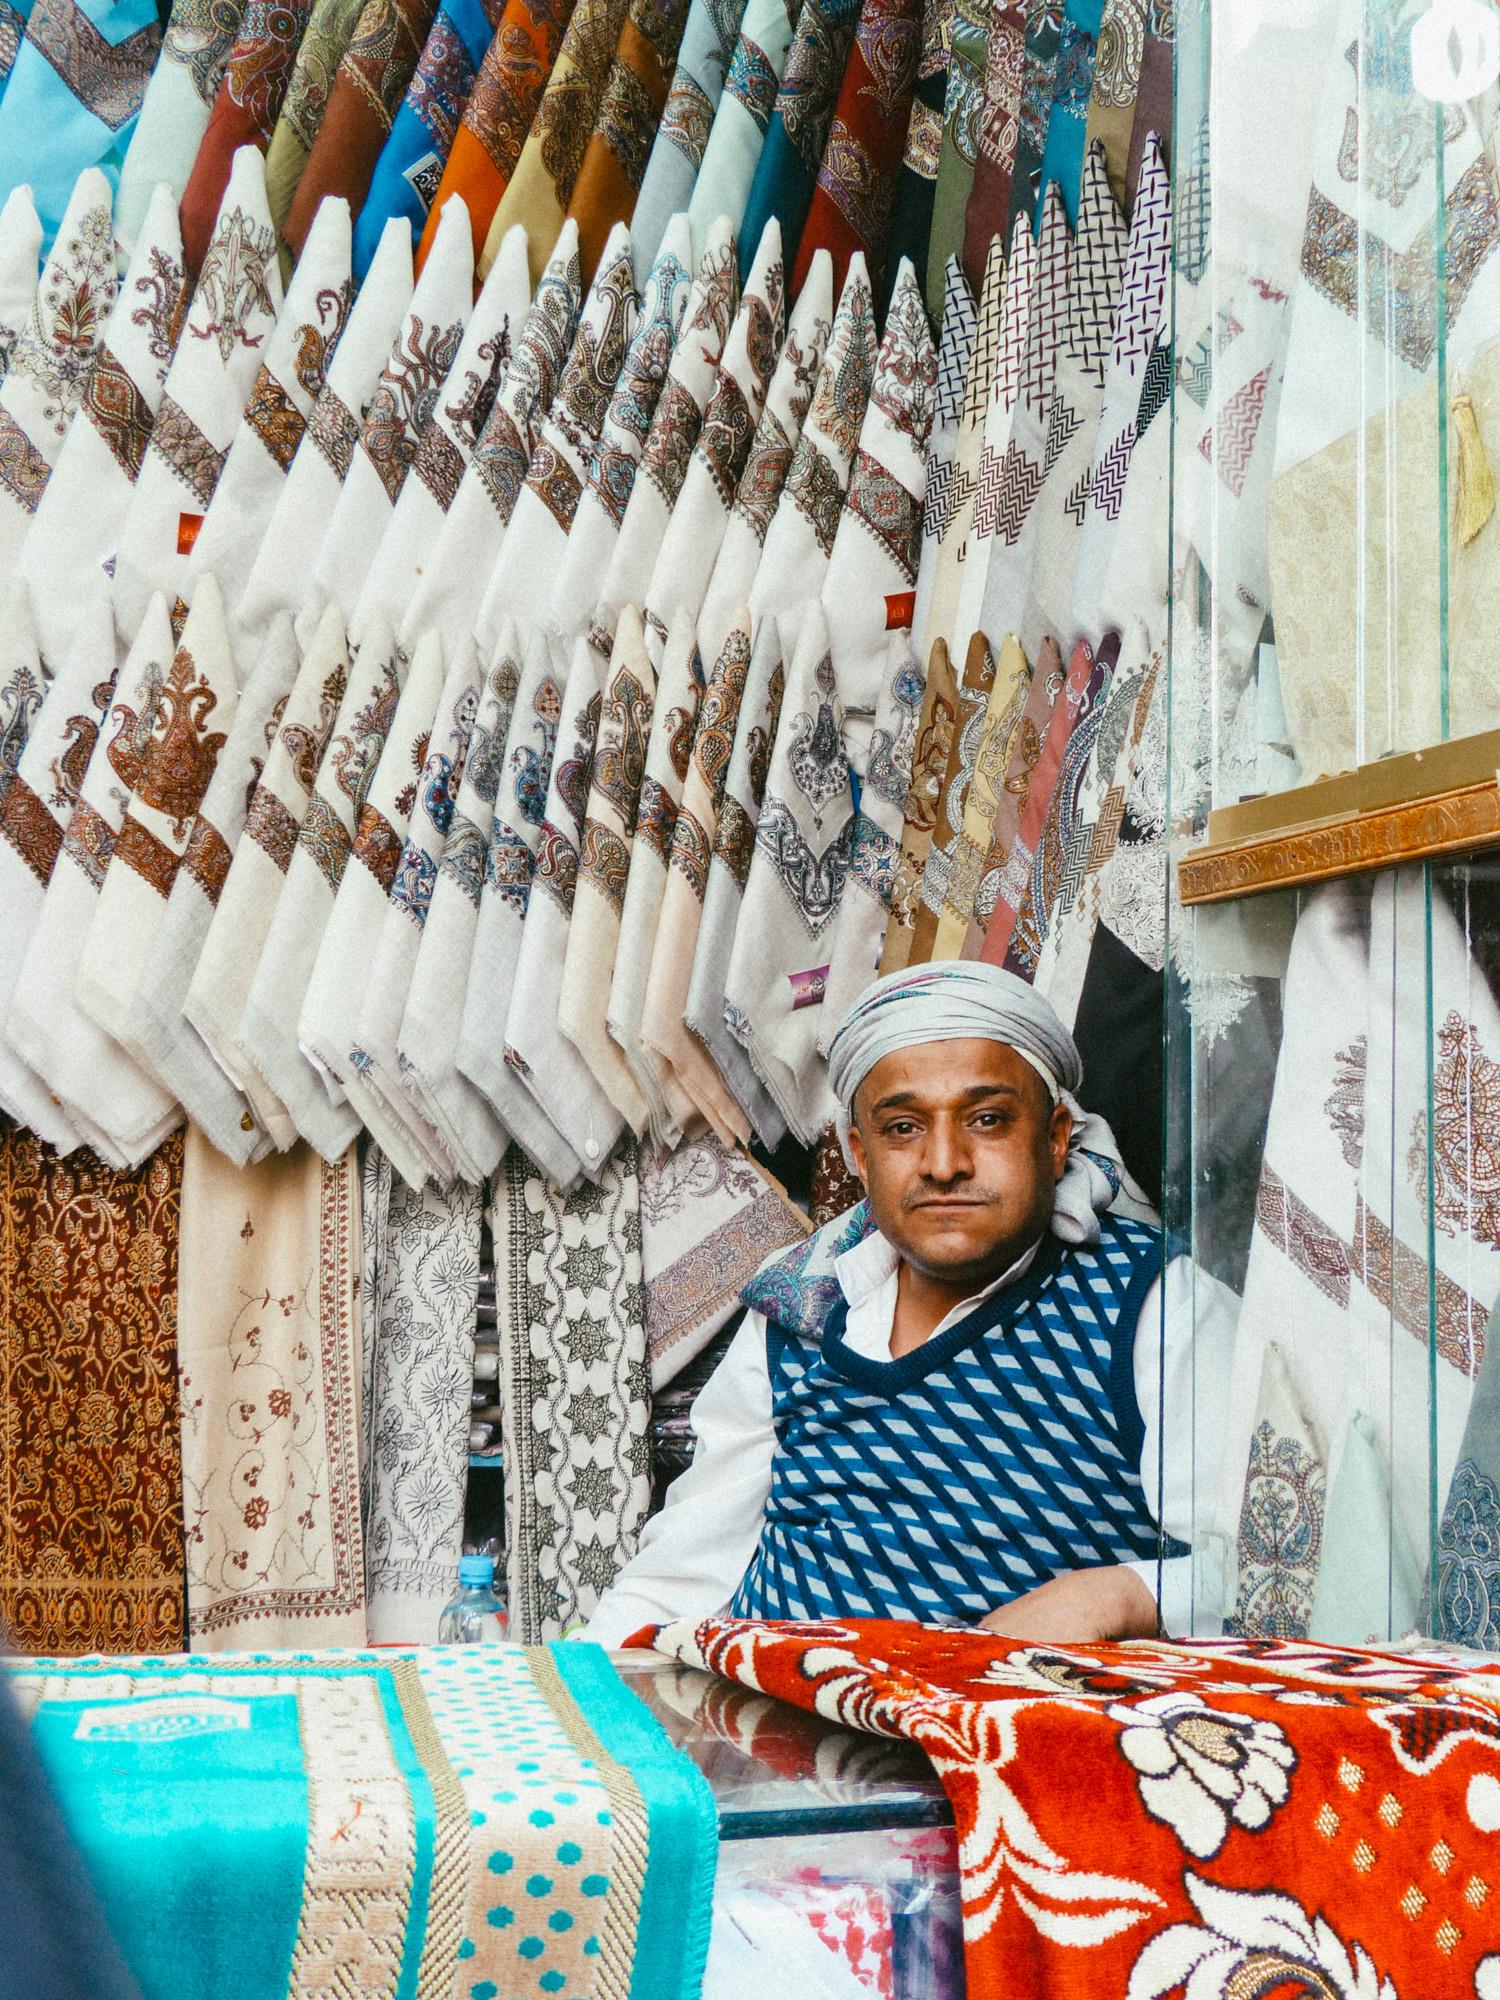 sanaa-yemen-222.jpg